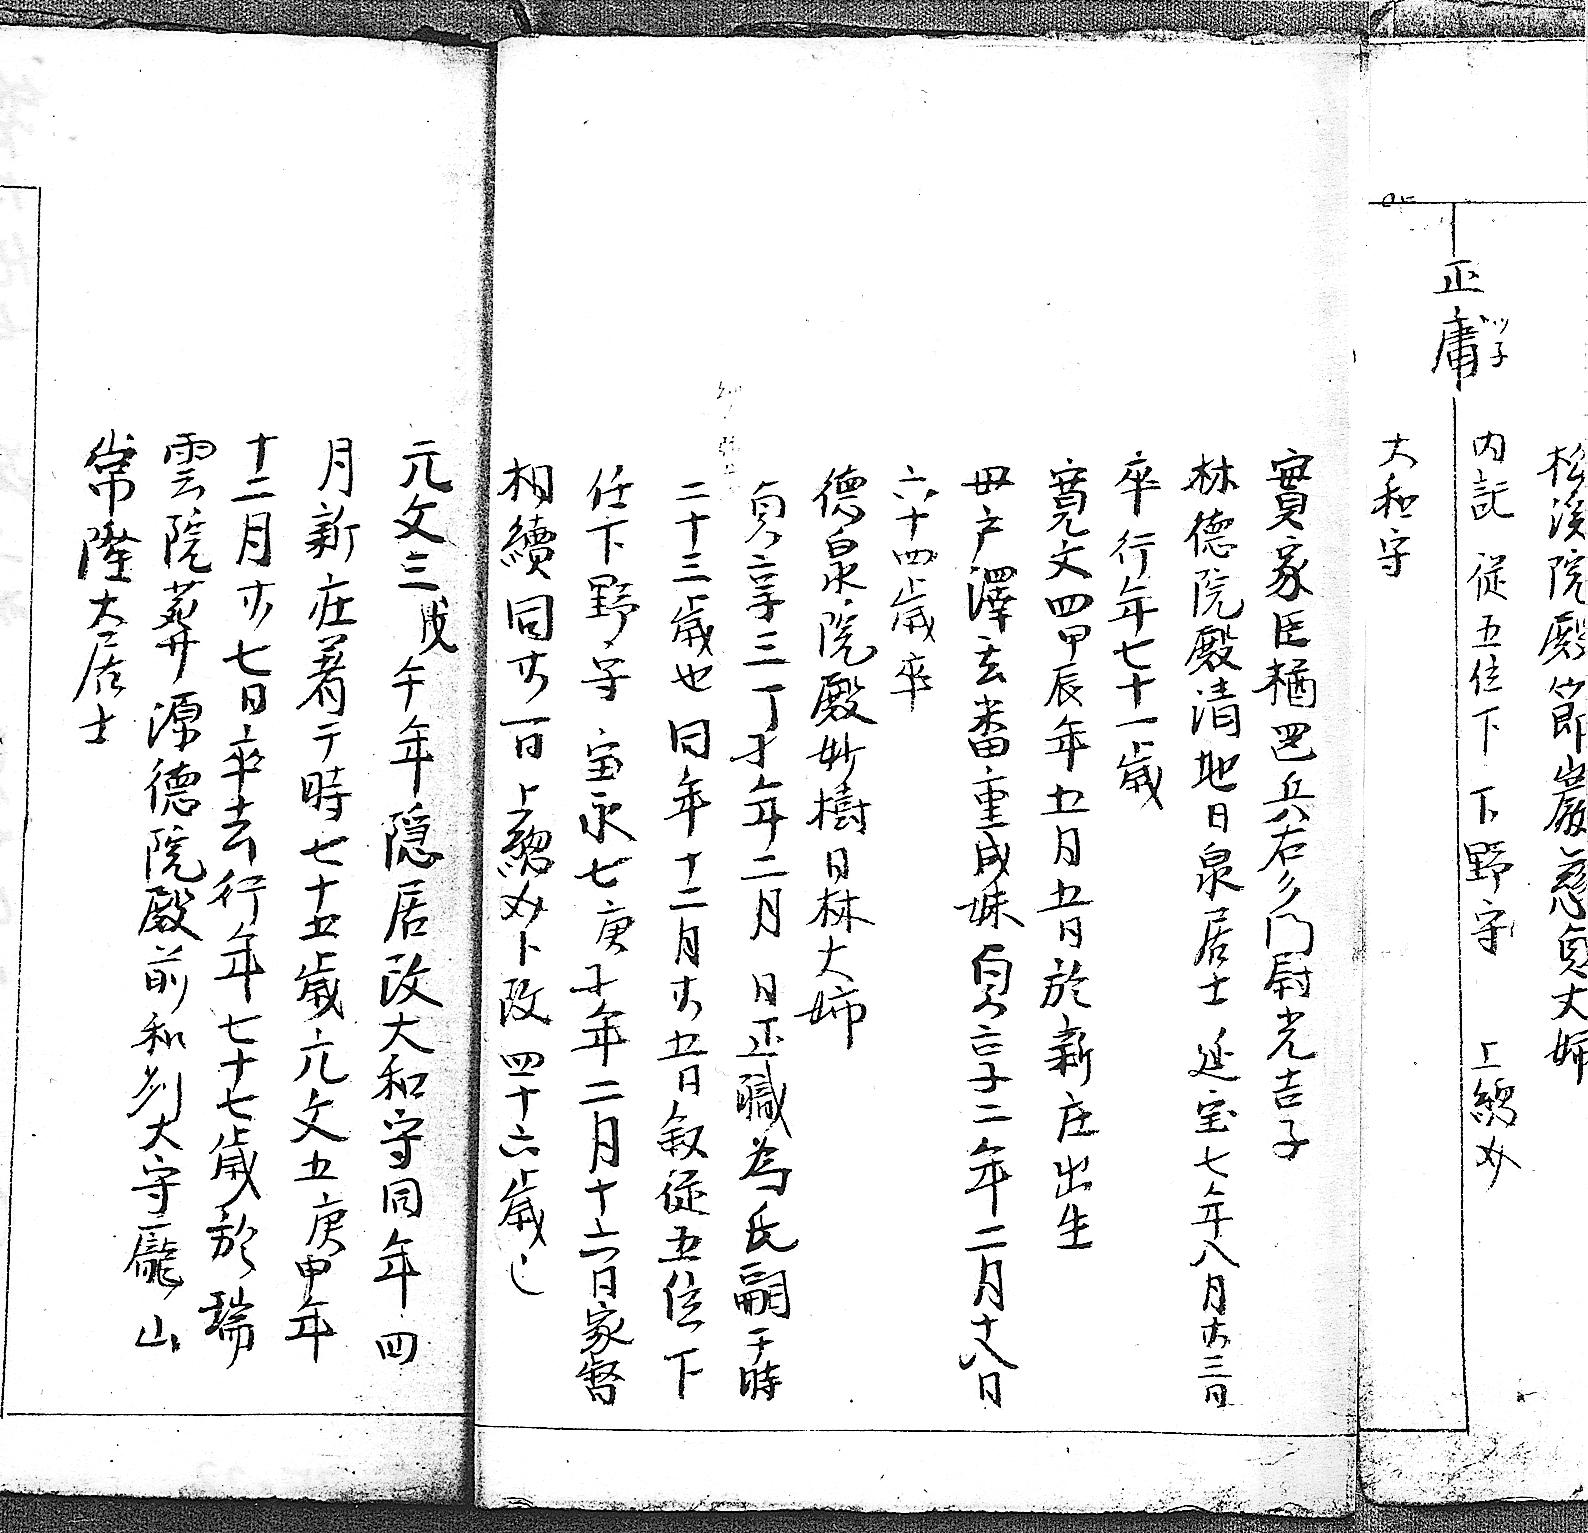 戸沢正庸履歴(「戸沢藩系図書」部分)